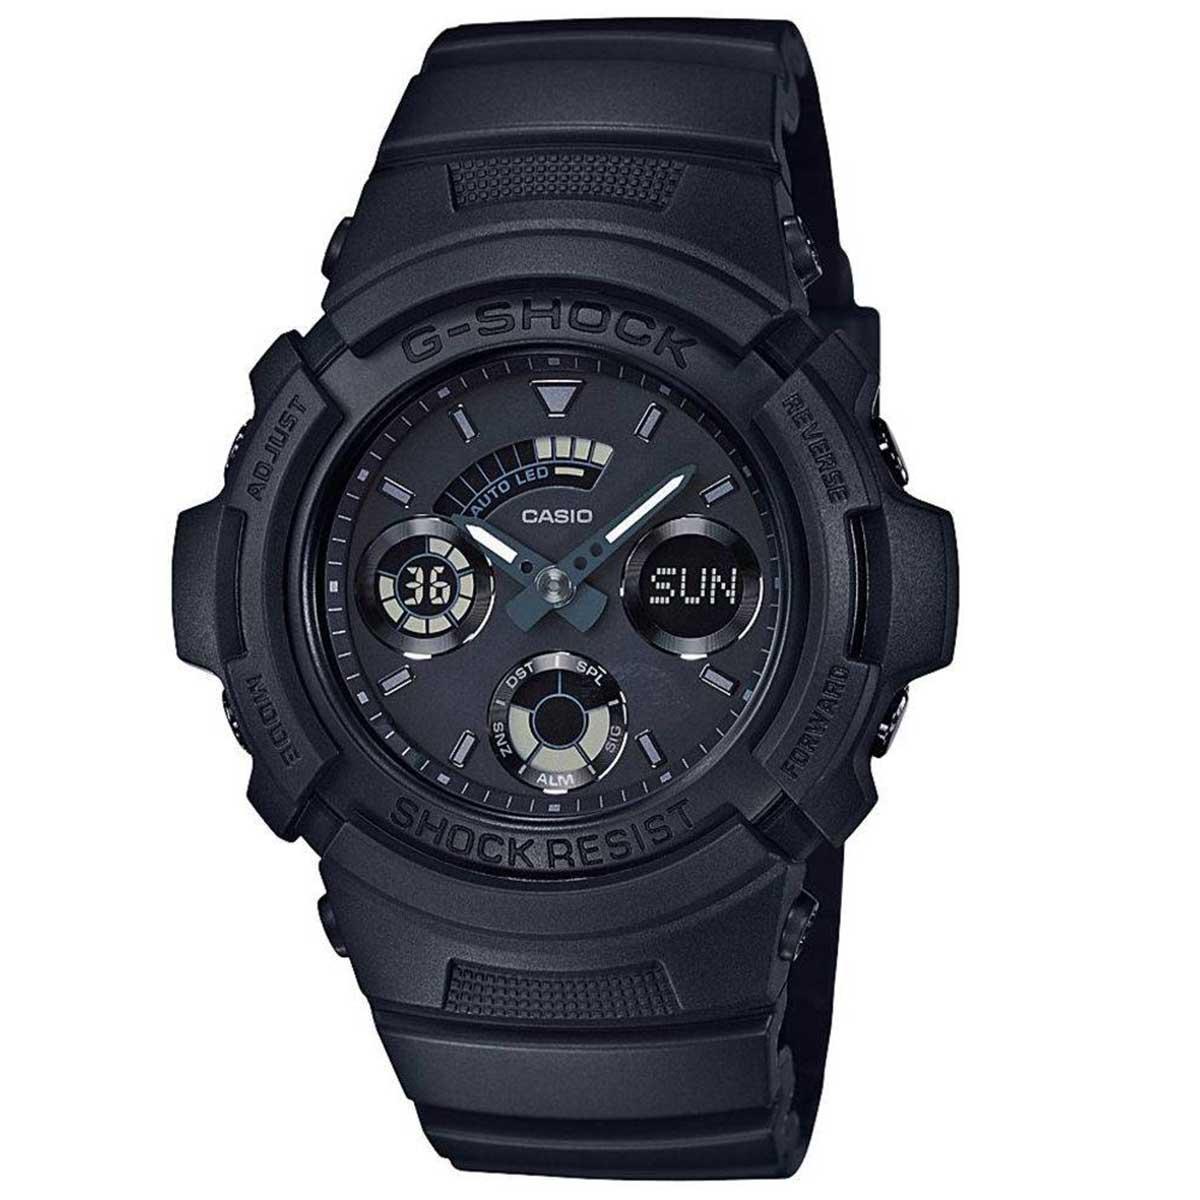 Relógio de Pulso Casio G-ShocK Modelo AW-591BB-1ADR